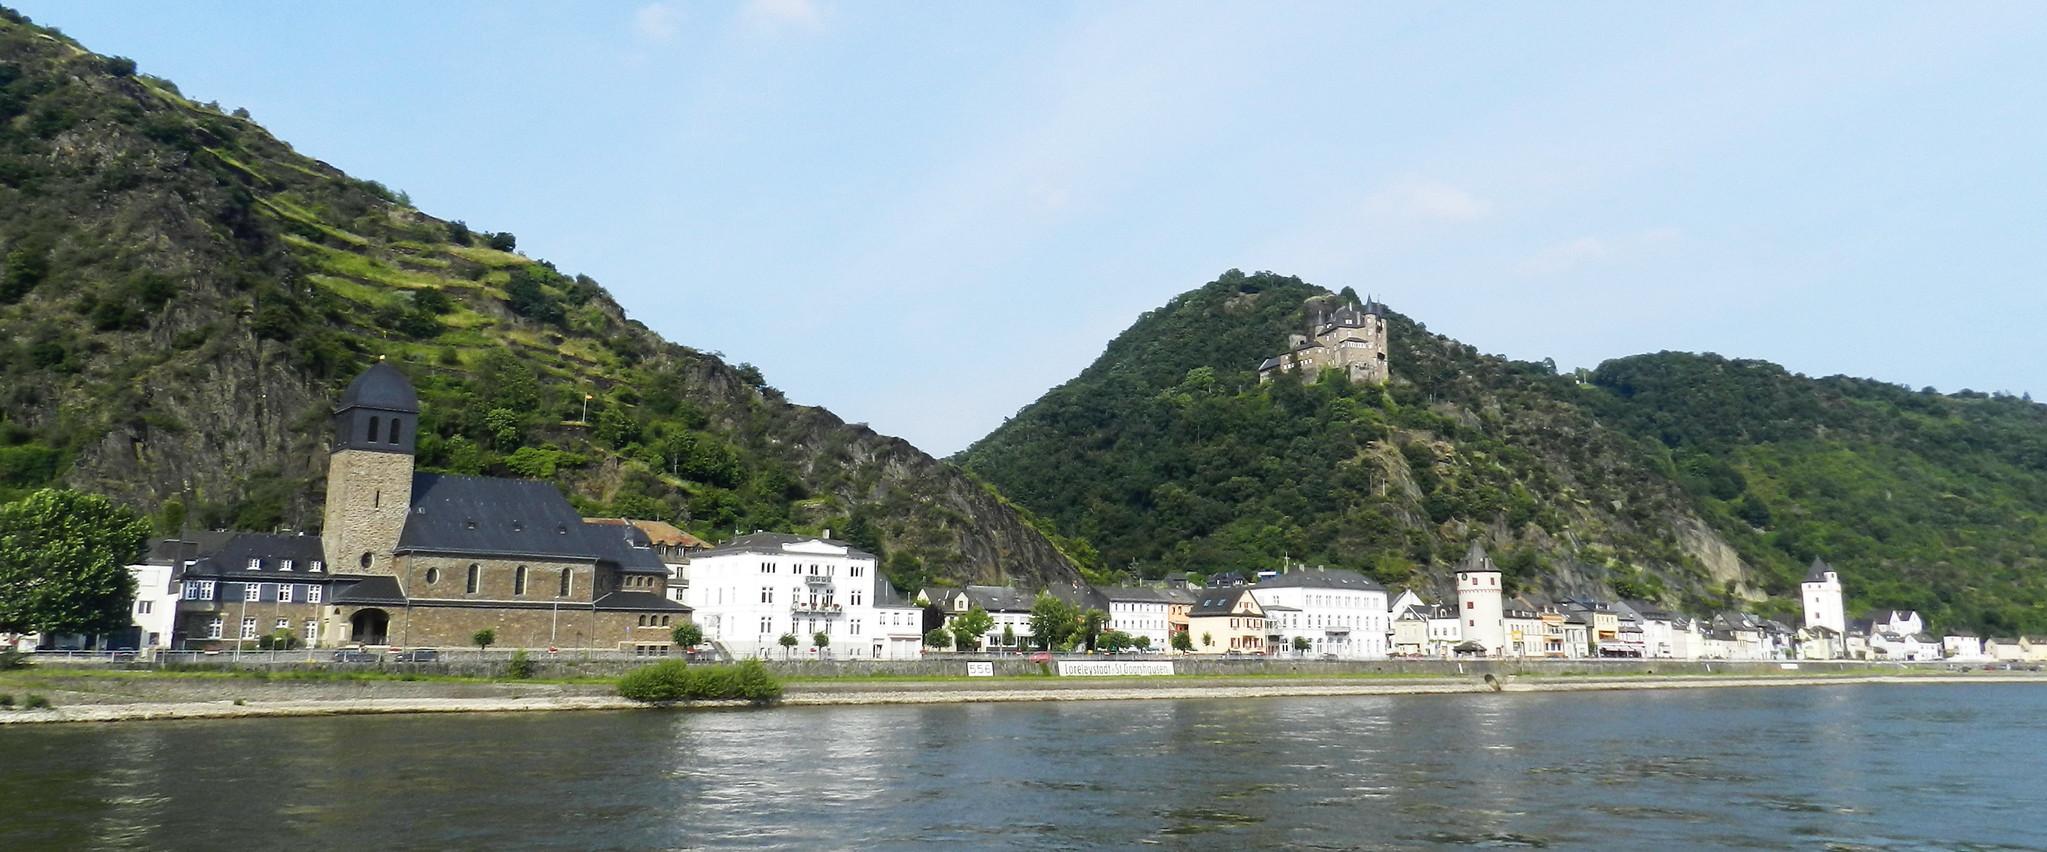 vista desde el rio Rin de la ciudad St. Goarshausen Valle del Rin Alemania